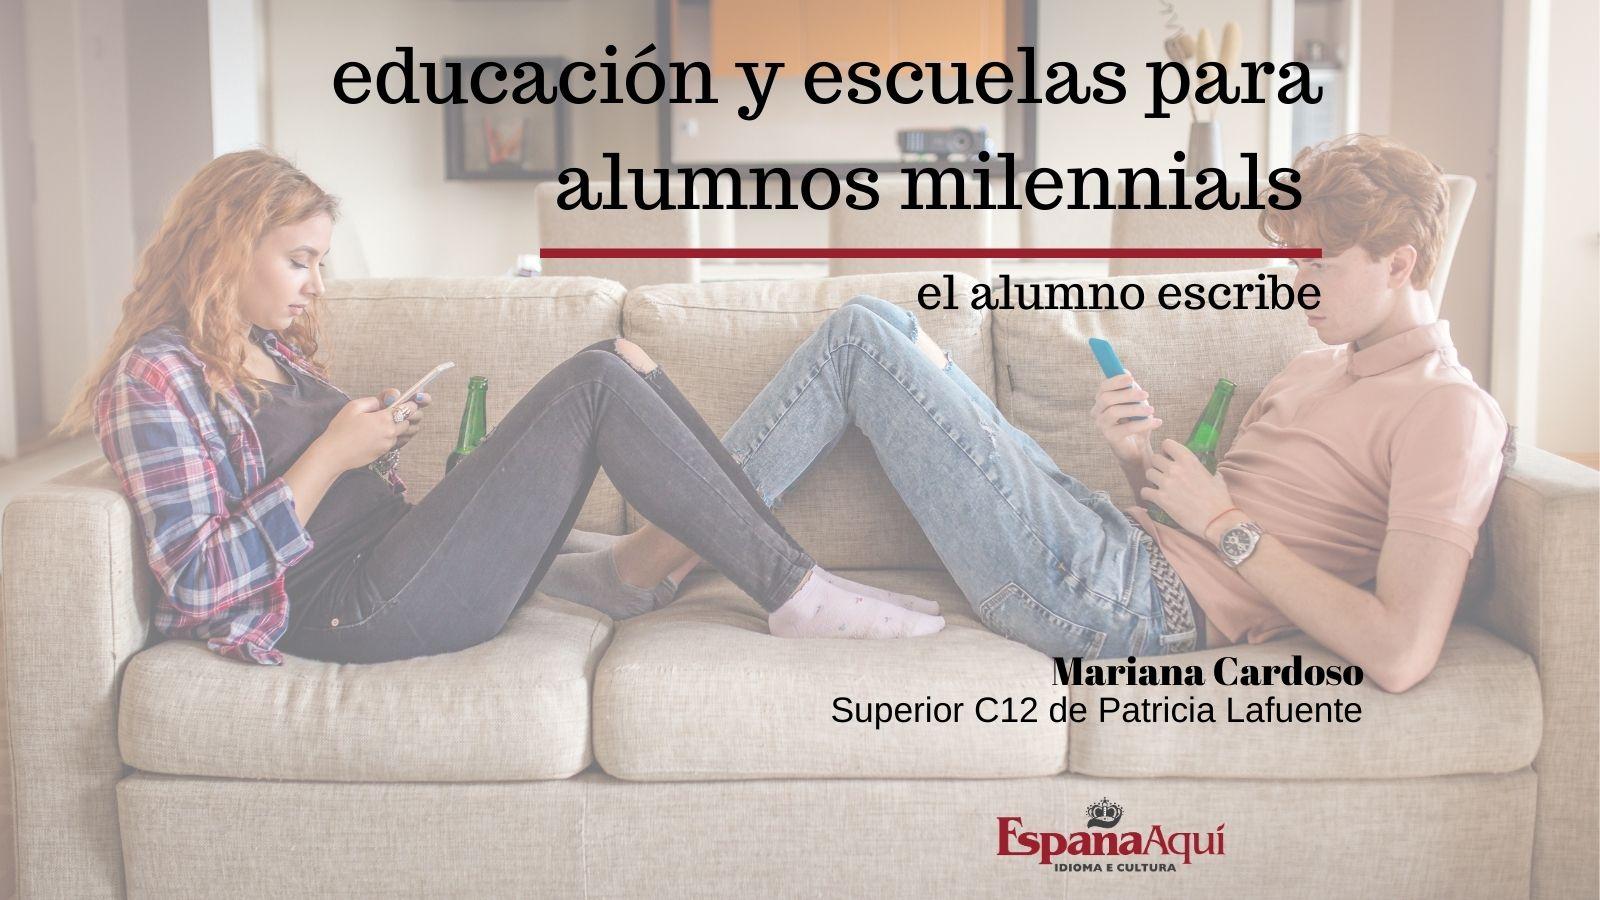 http://www.espanaaqui.com.br/pdf/dezembro2020/el%20alumno%20escribe.%20%20milennials.jpg